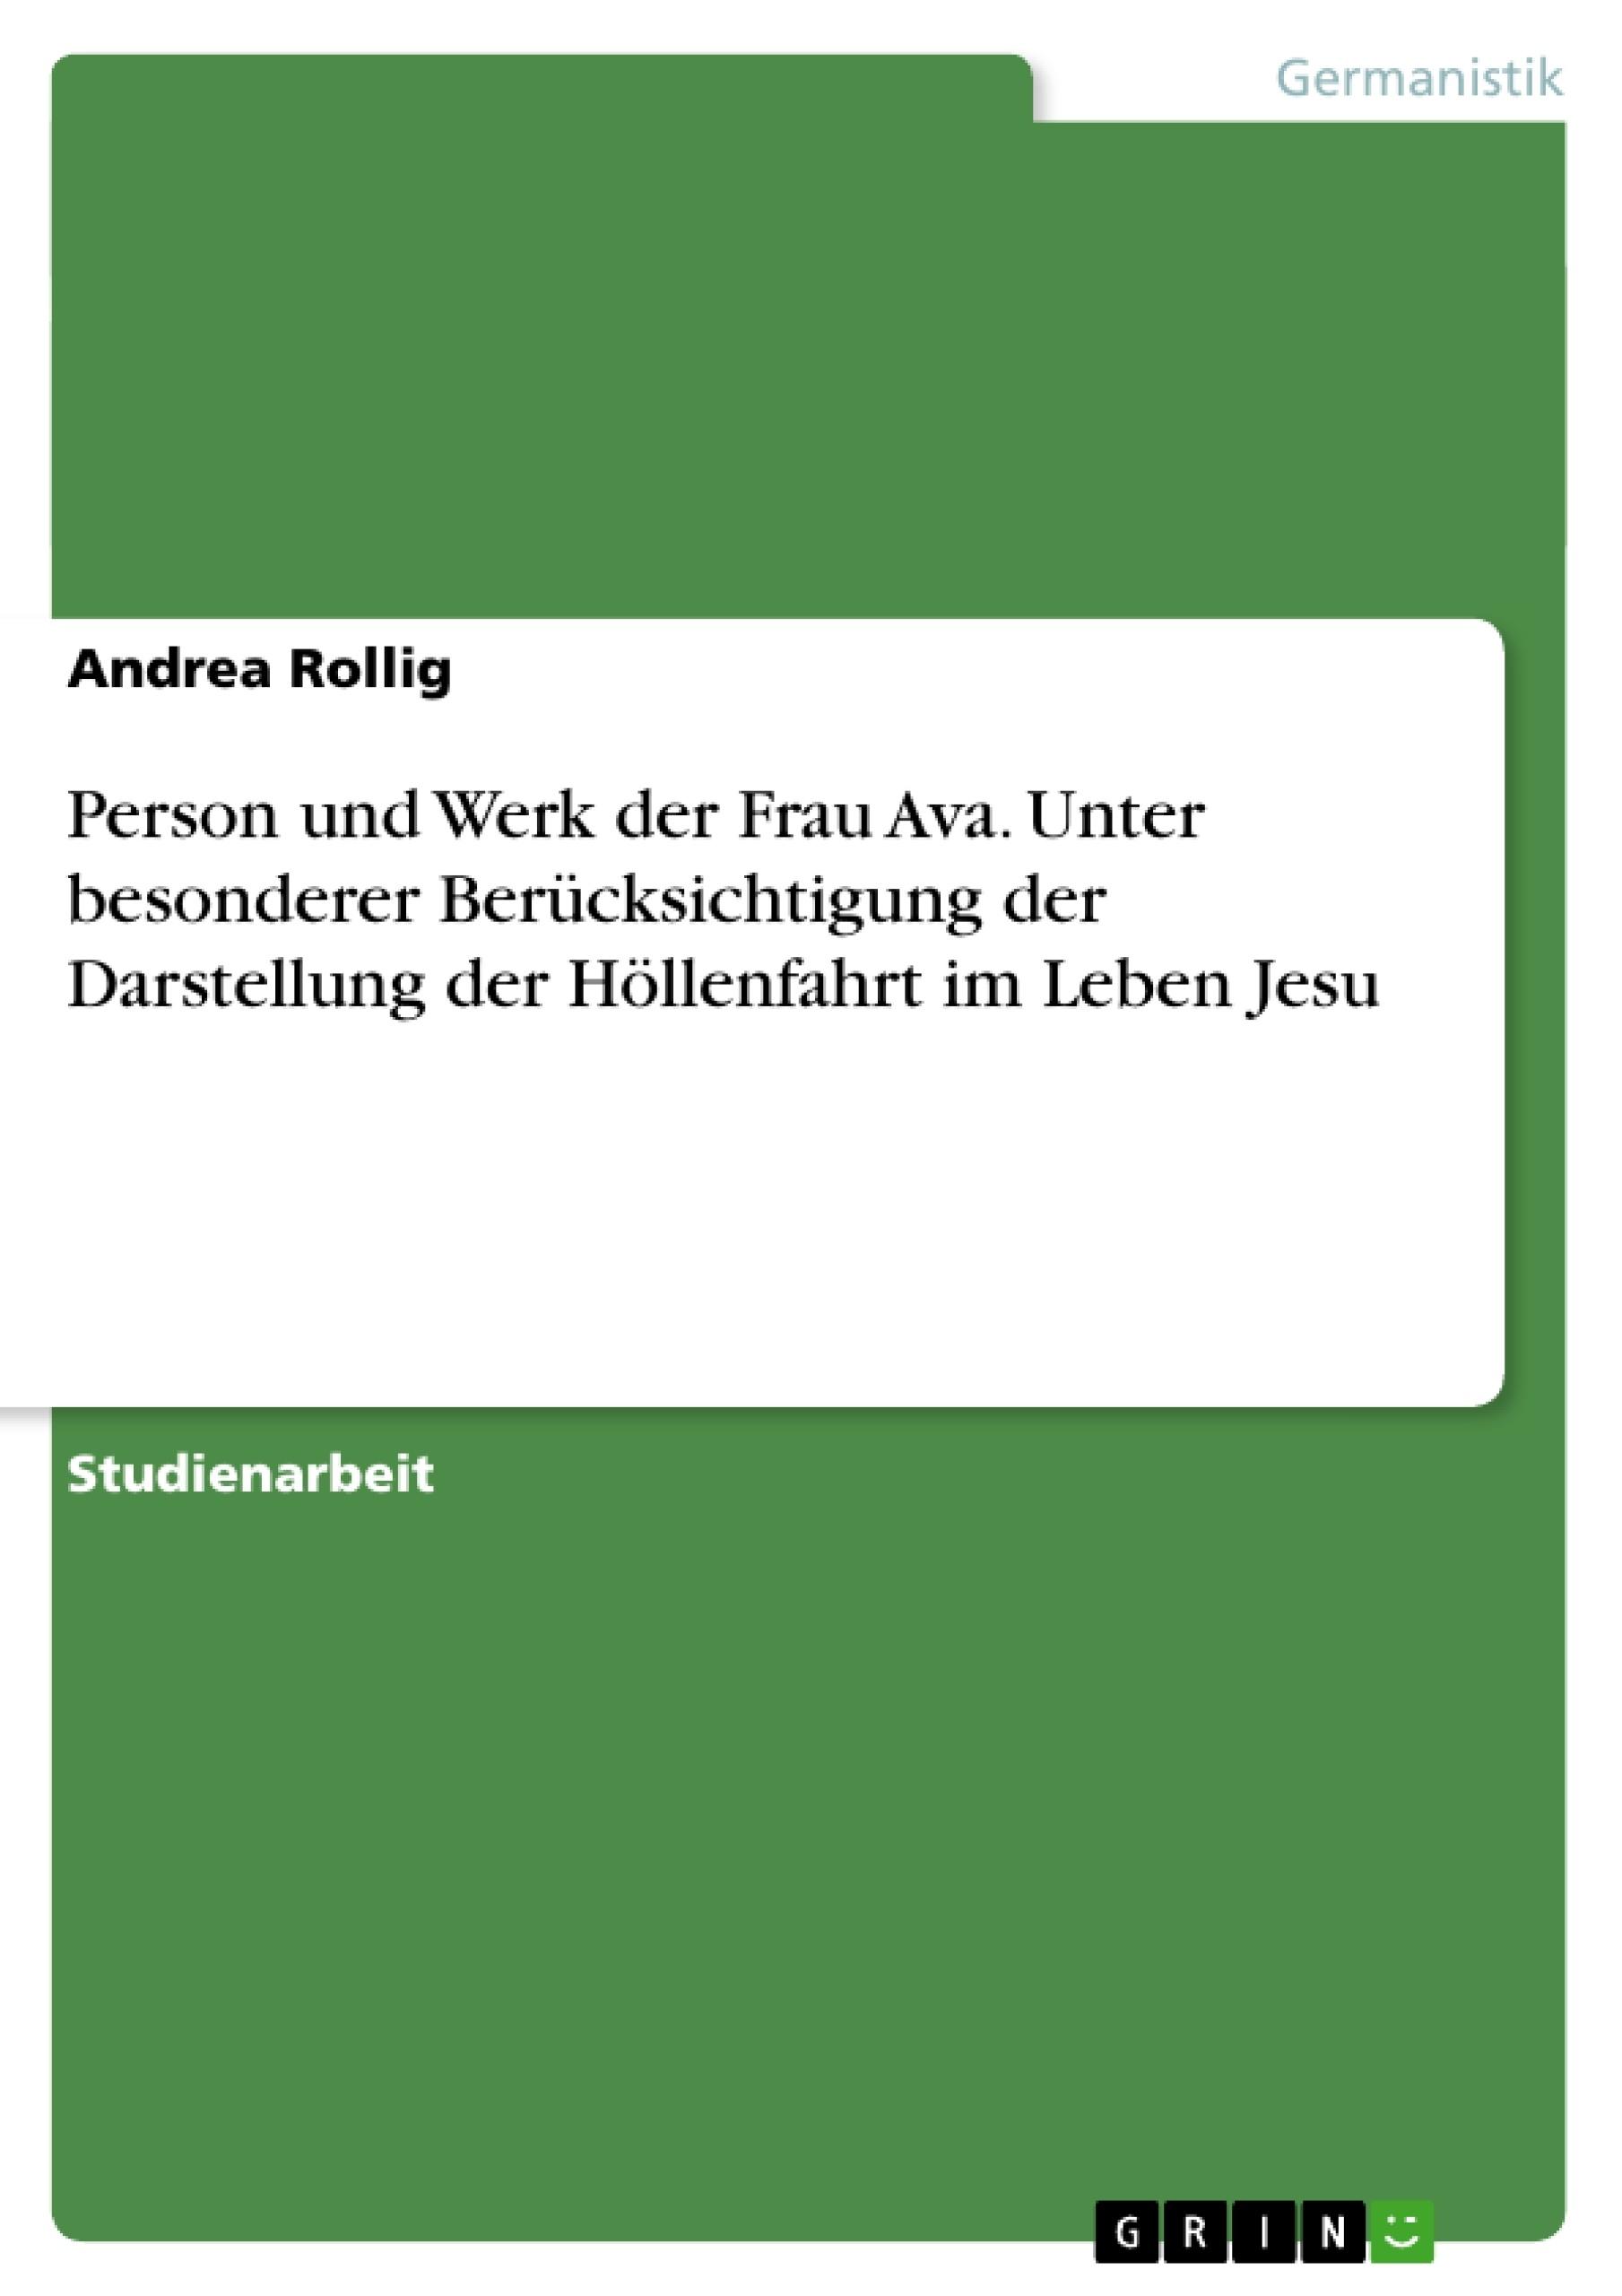 Titel: Person und Werk der Frau Ava. Unter besonderer Berücksichtigung der Darstellung der Höllenfahrt im Leben Jesu